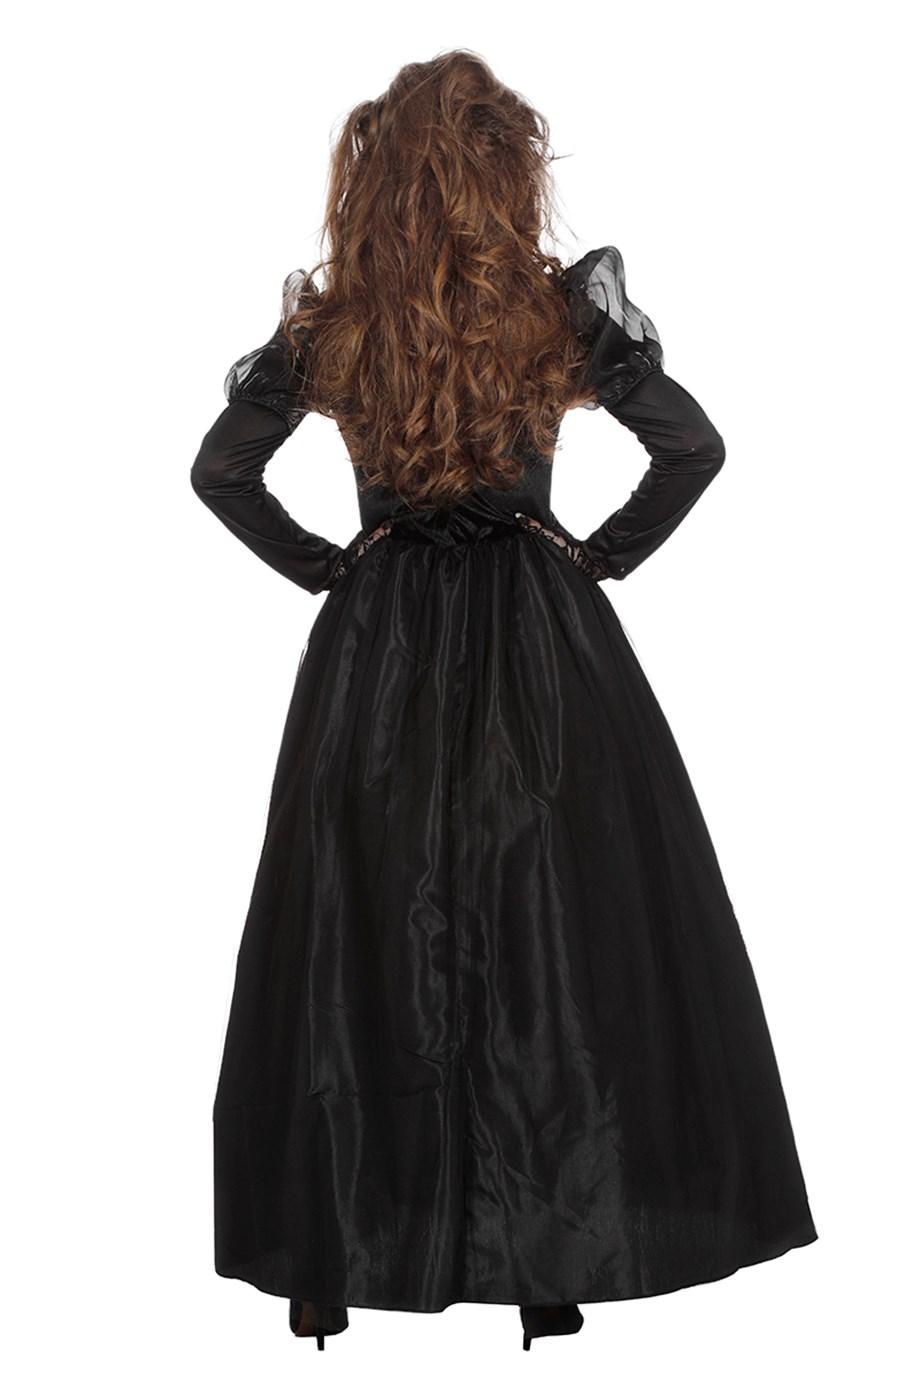 Princess of the dark-262683